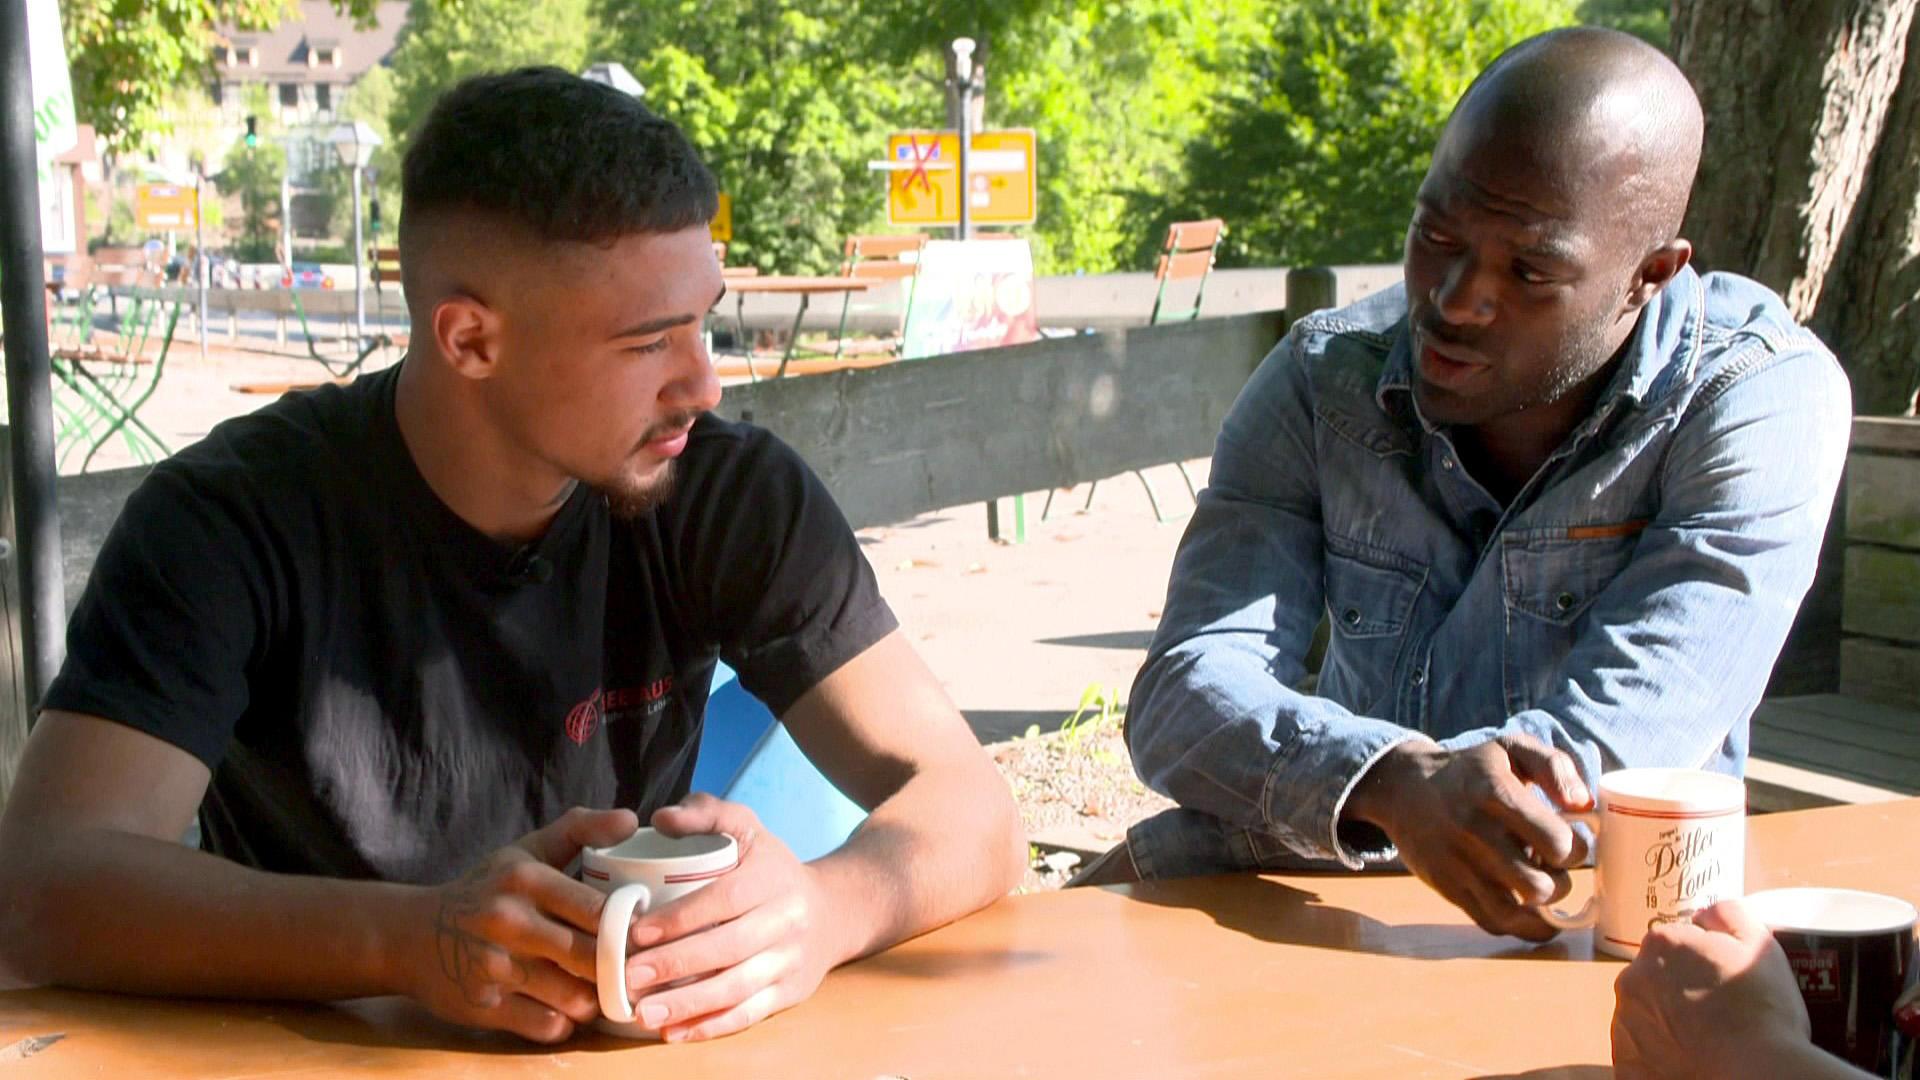 Jugendkriminalität in Deutschland | Folge 1